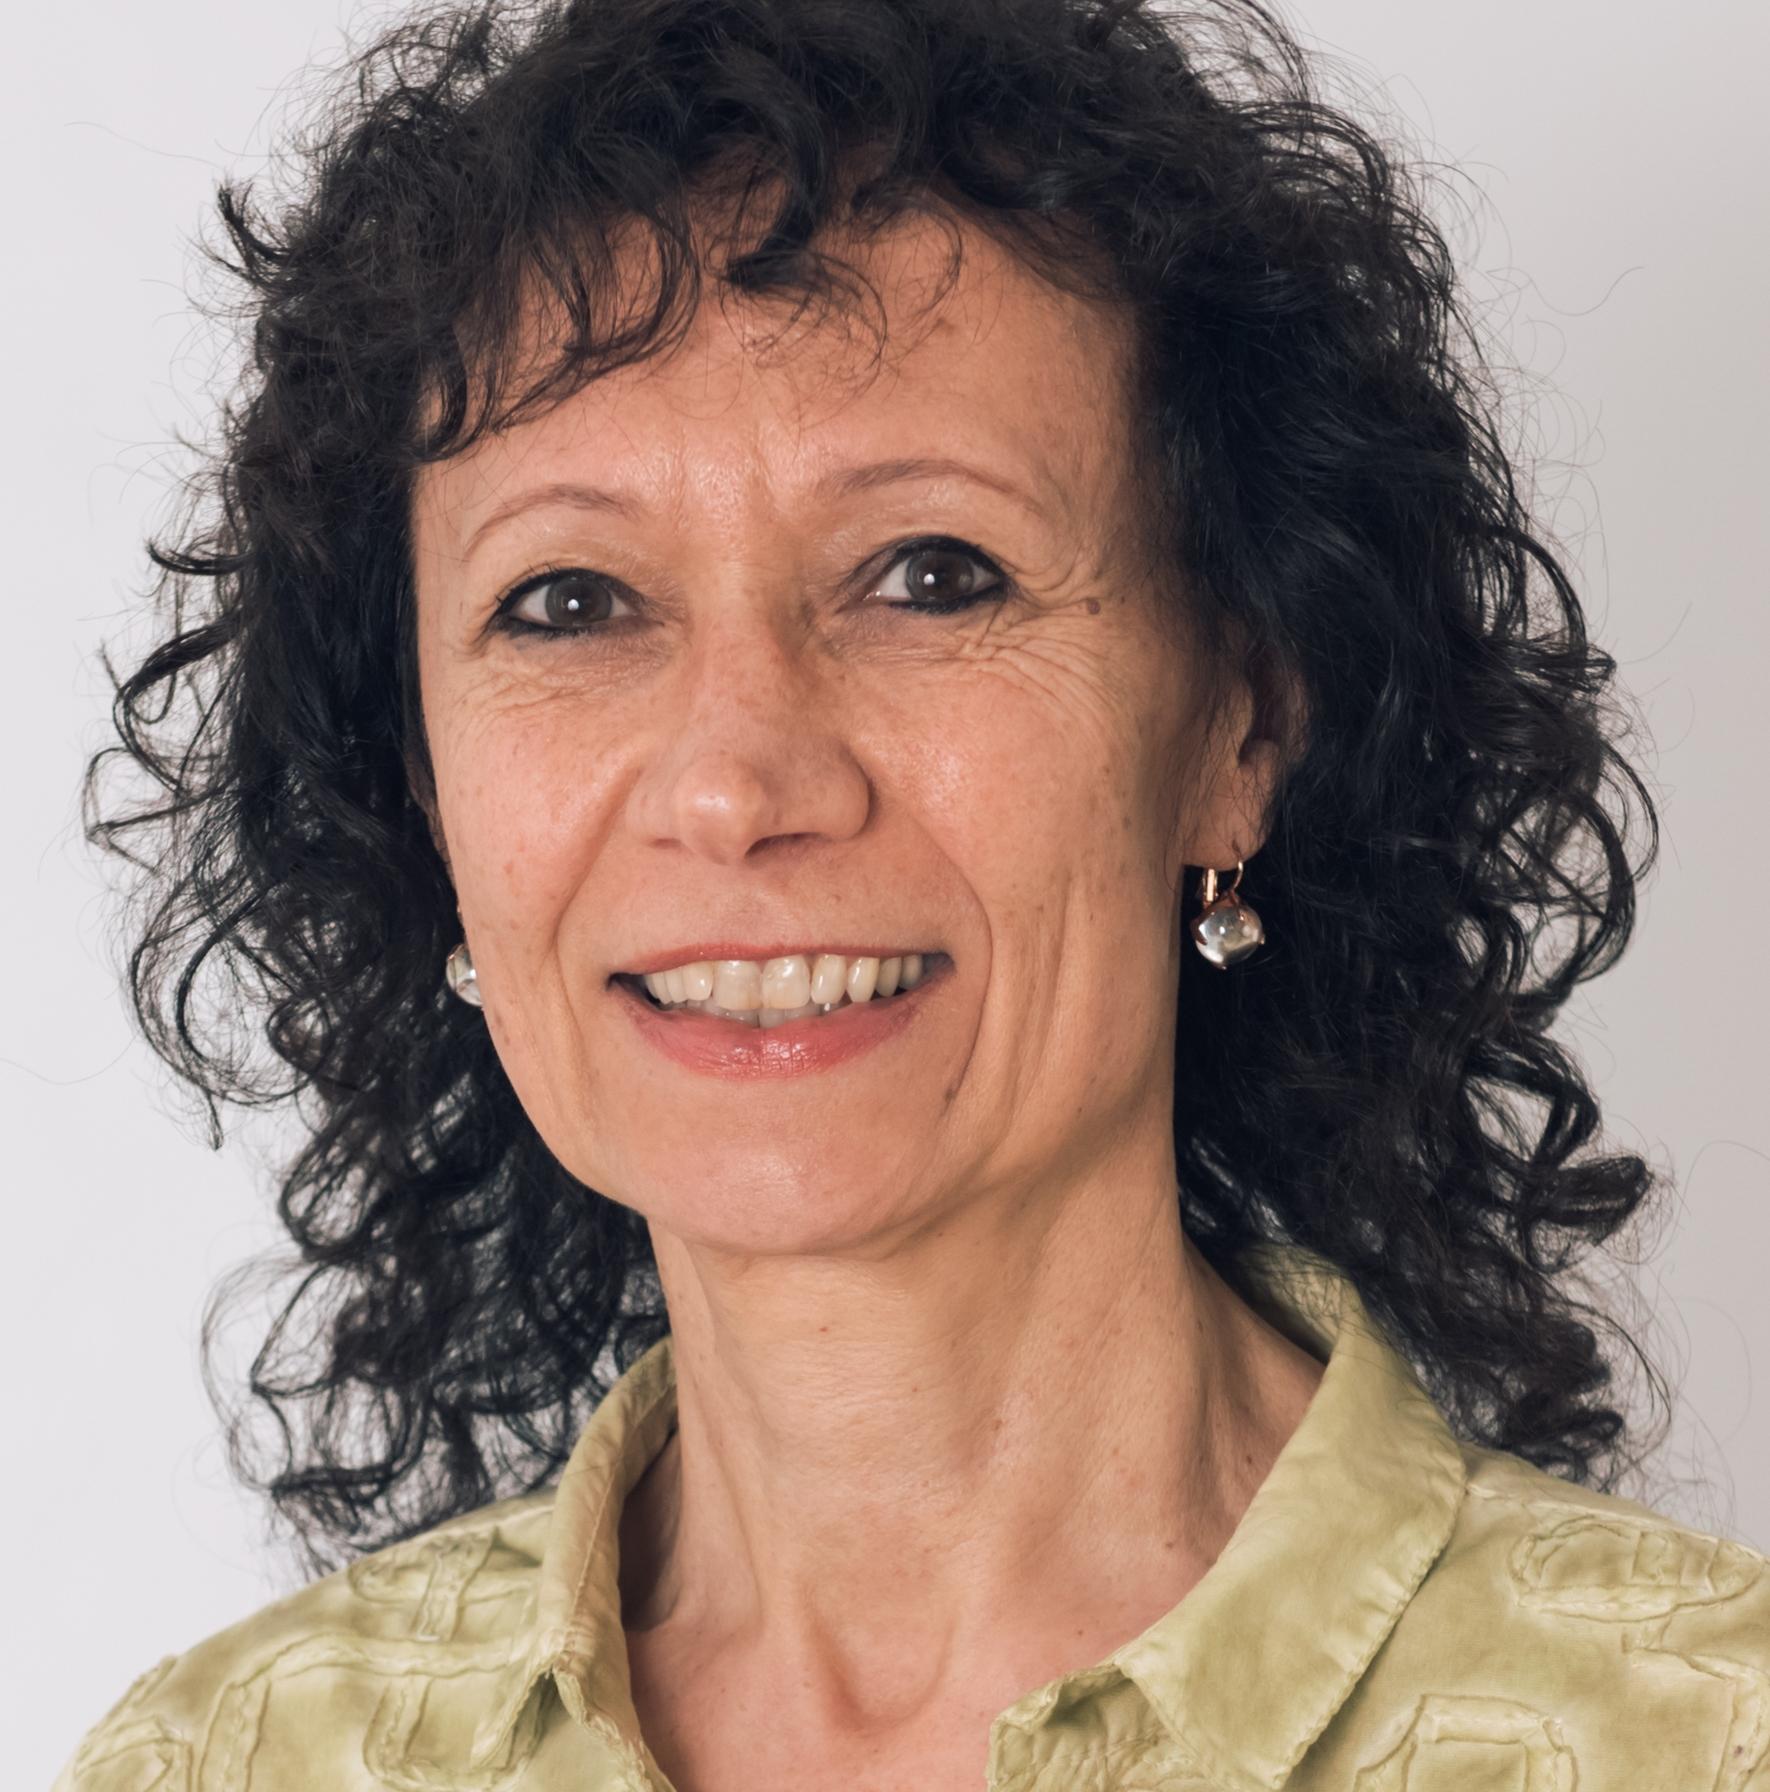 Antonella Trevisan